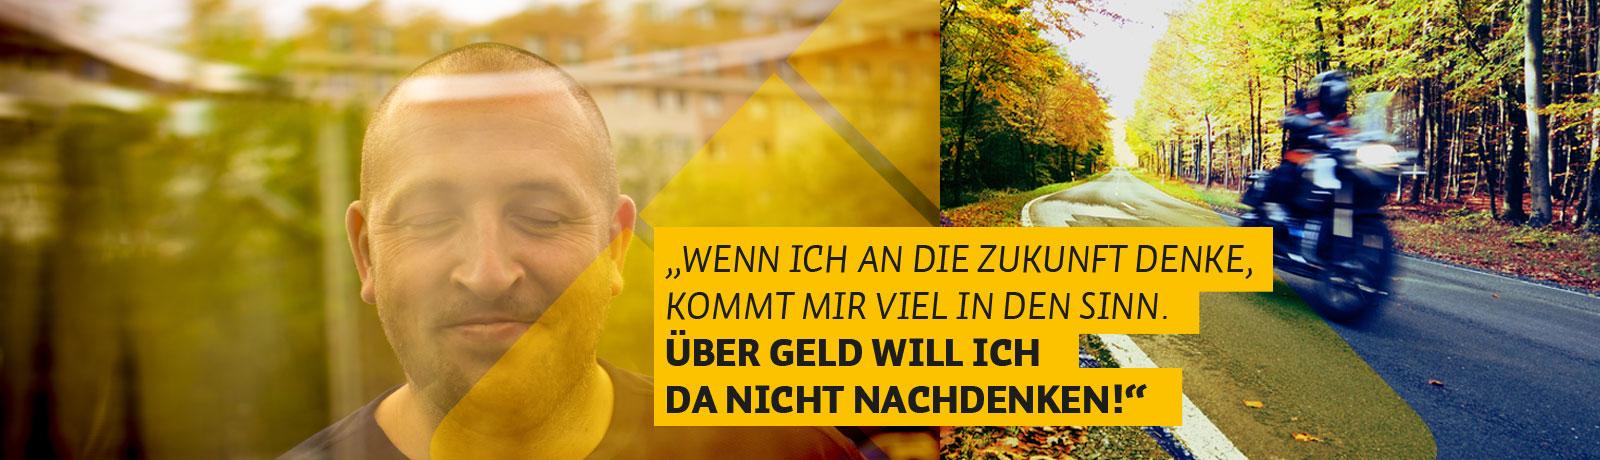 WK_Header_Mann_gelb